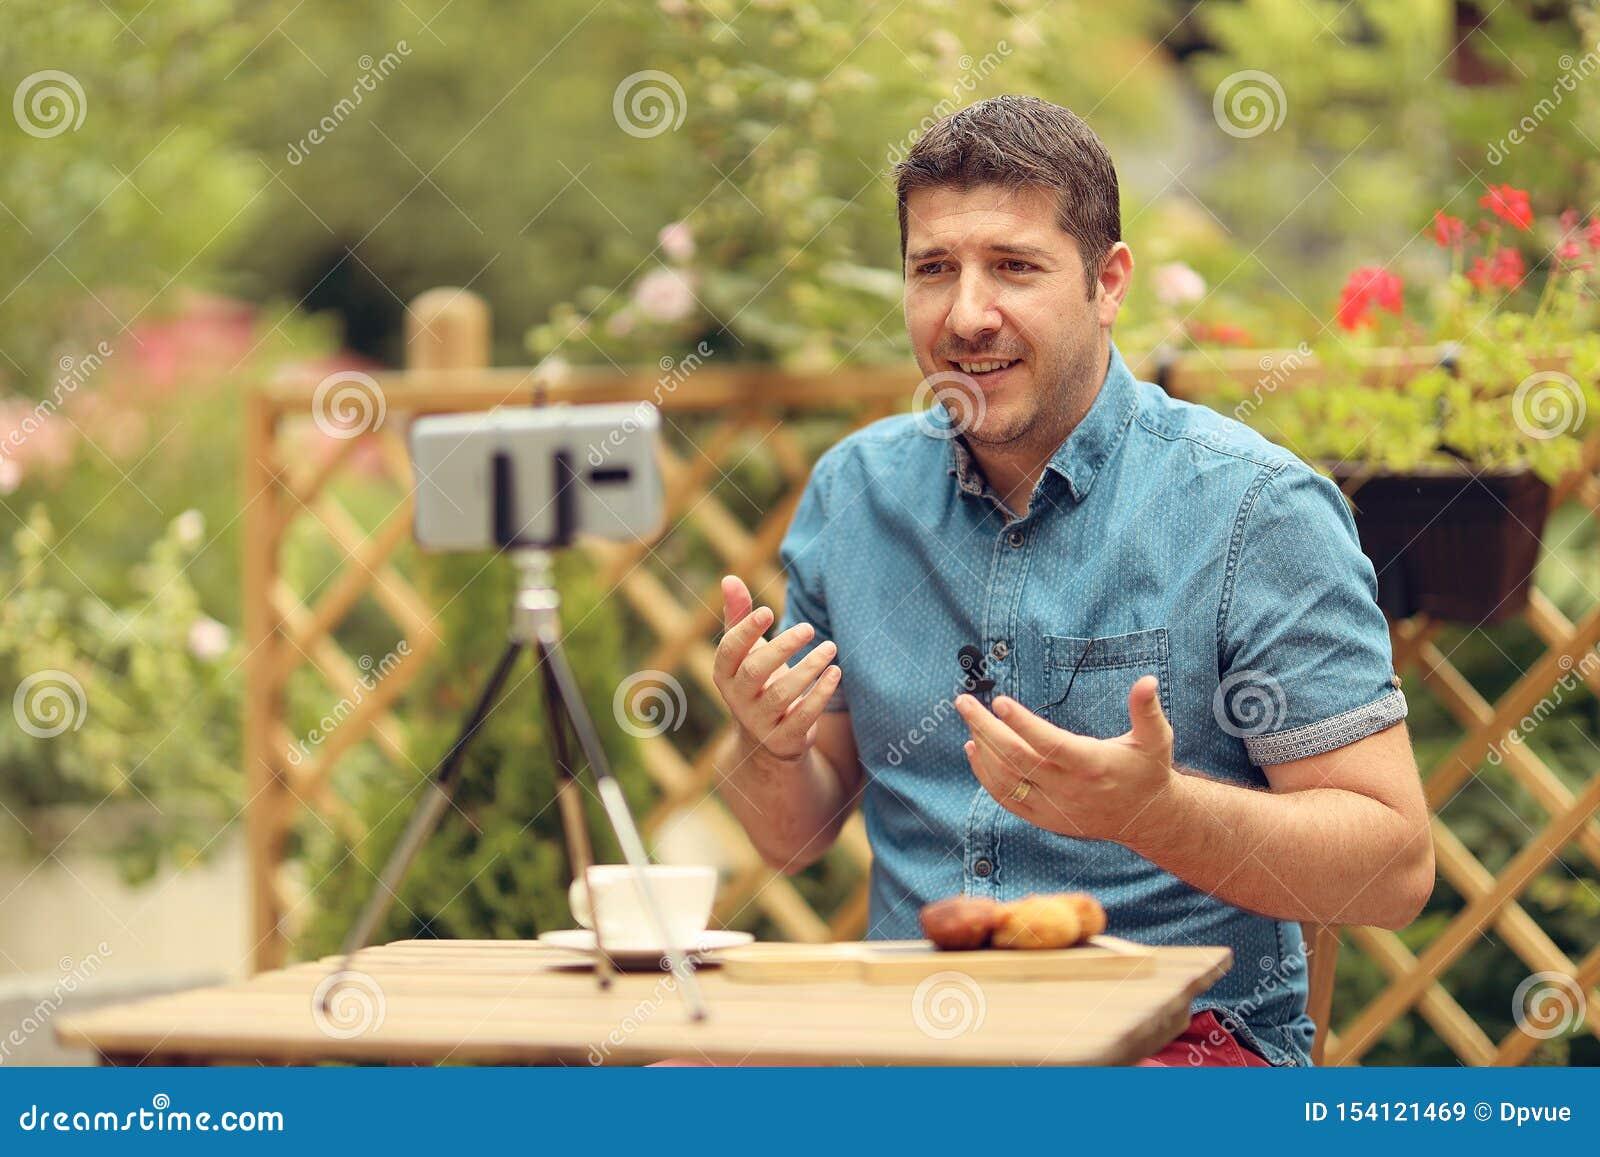 Gerente relaxado que discute estratégias empresariais com sua equipe na chamada video Proprietário empresarial ocasional novo em